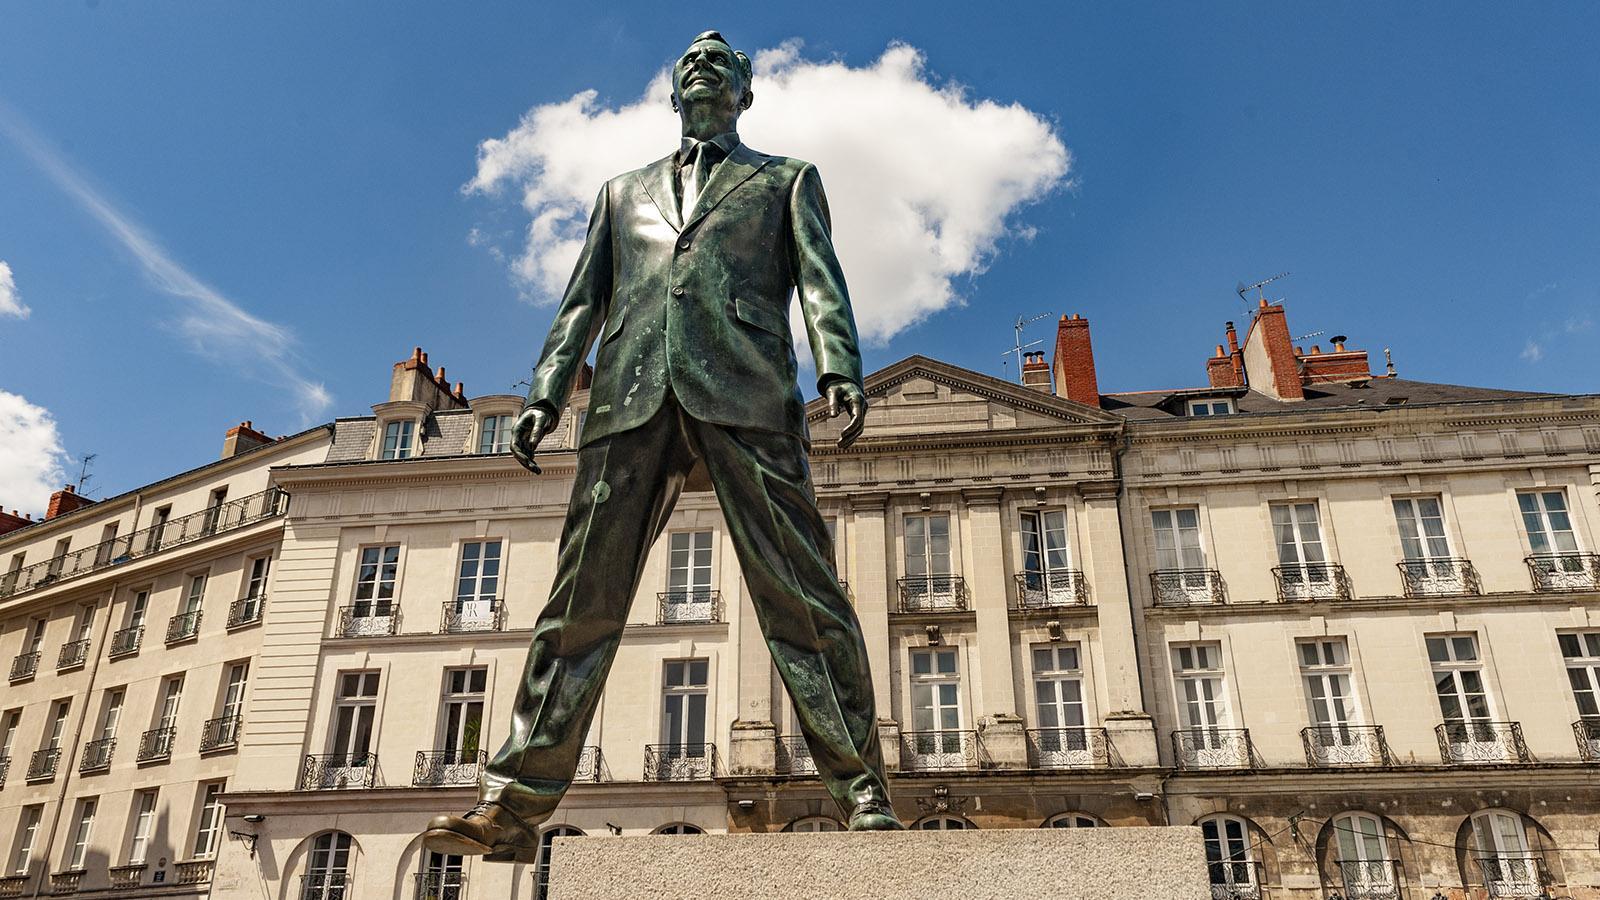 """Nantes: Place Bouffay . """"Éloge du pas de côté"""" nennt sich die ungewöhnliche Bronzeskulptur von Philippe Ramette. Foto: Hilke Maunder"""